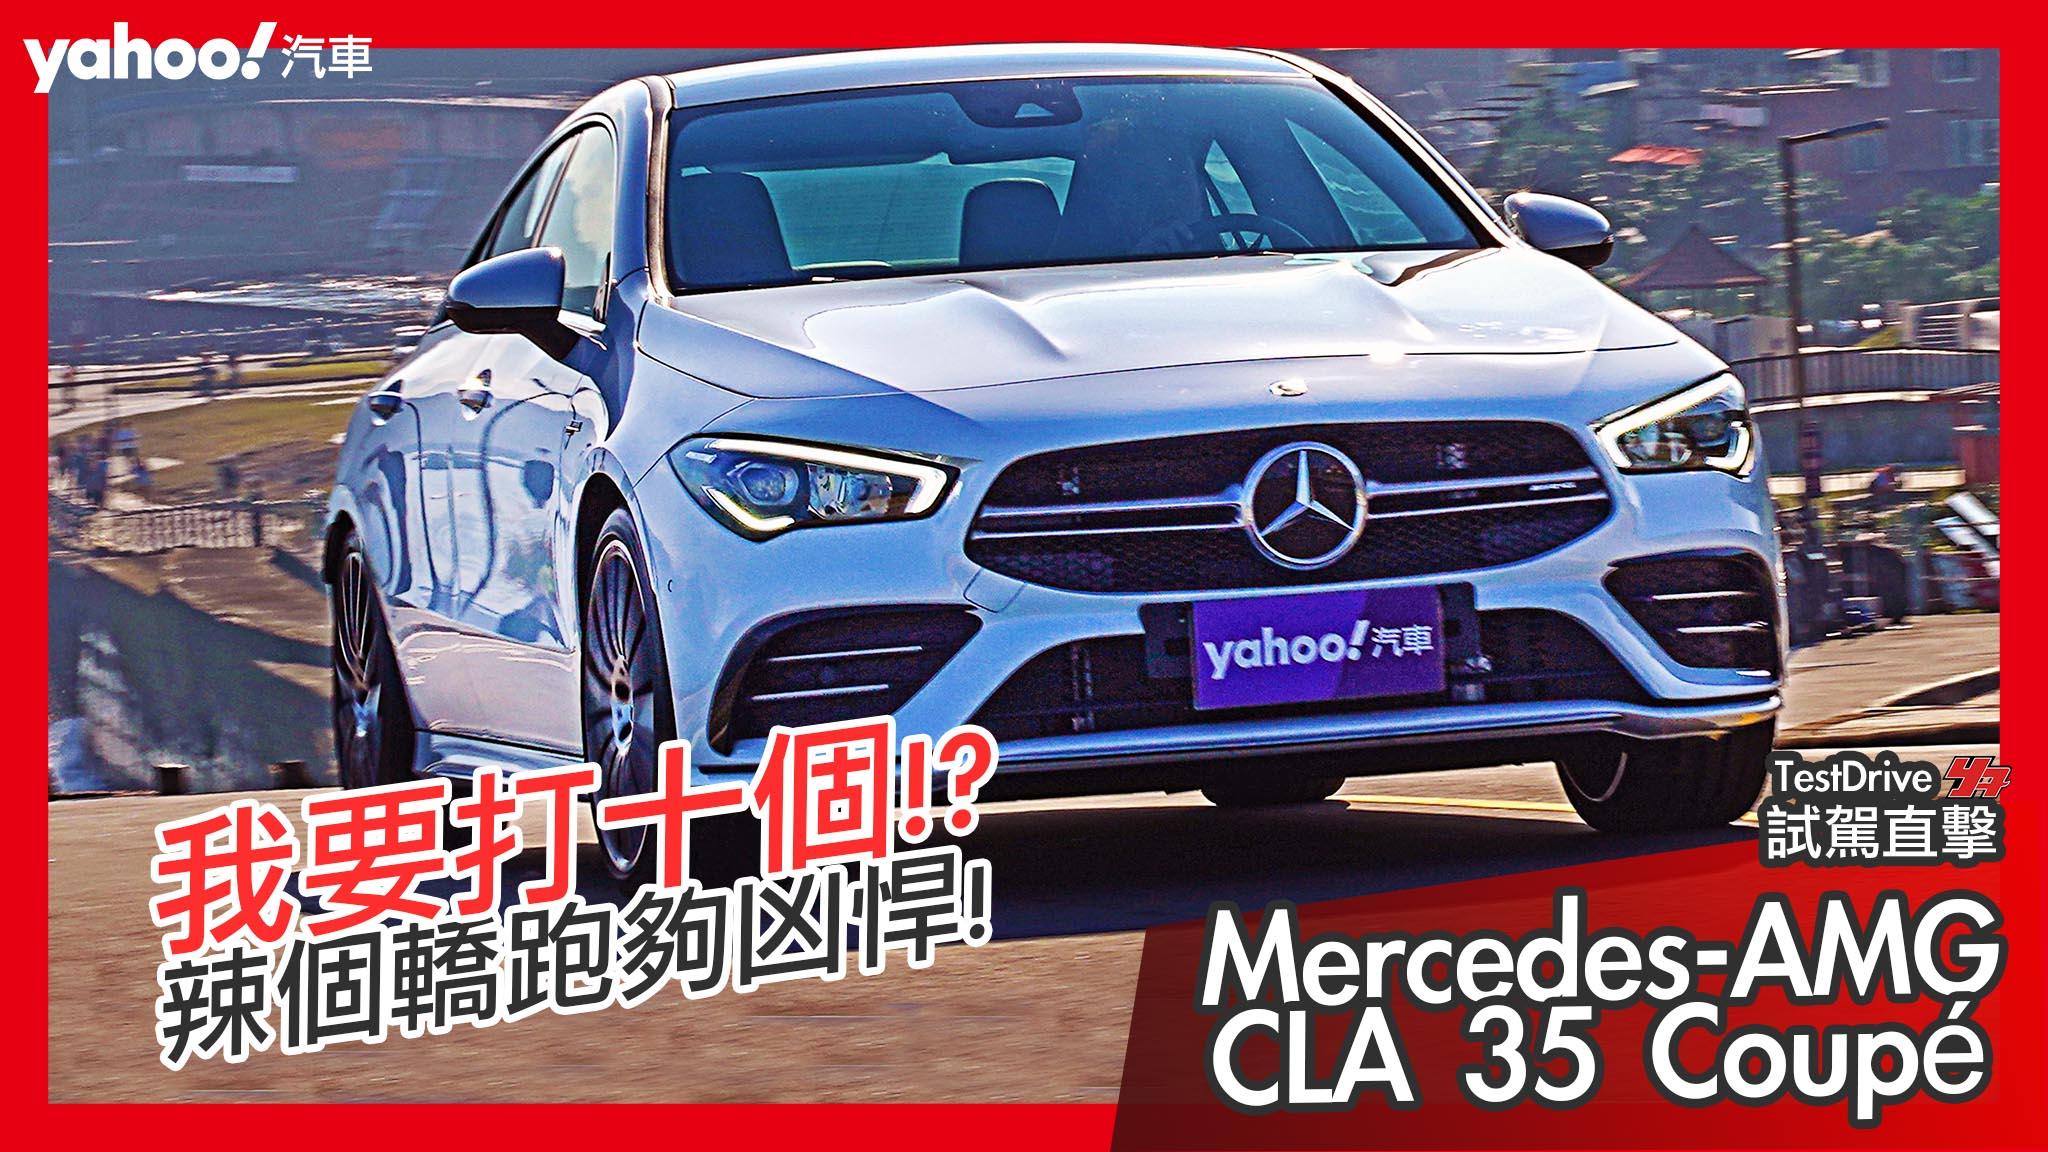 【試駕直擊】身手矯健的武打明星!2020 Mercedes-AMG CLA 35 4MATIC Coupé試駕!